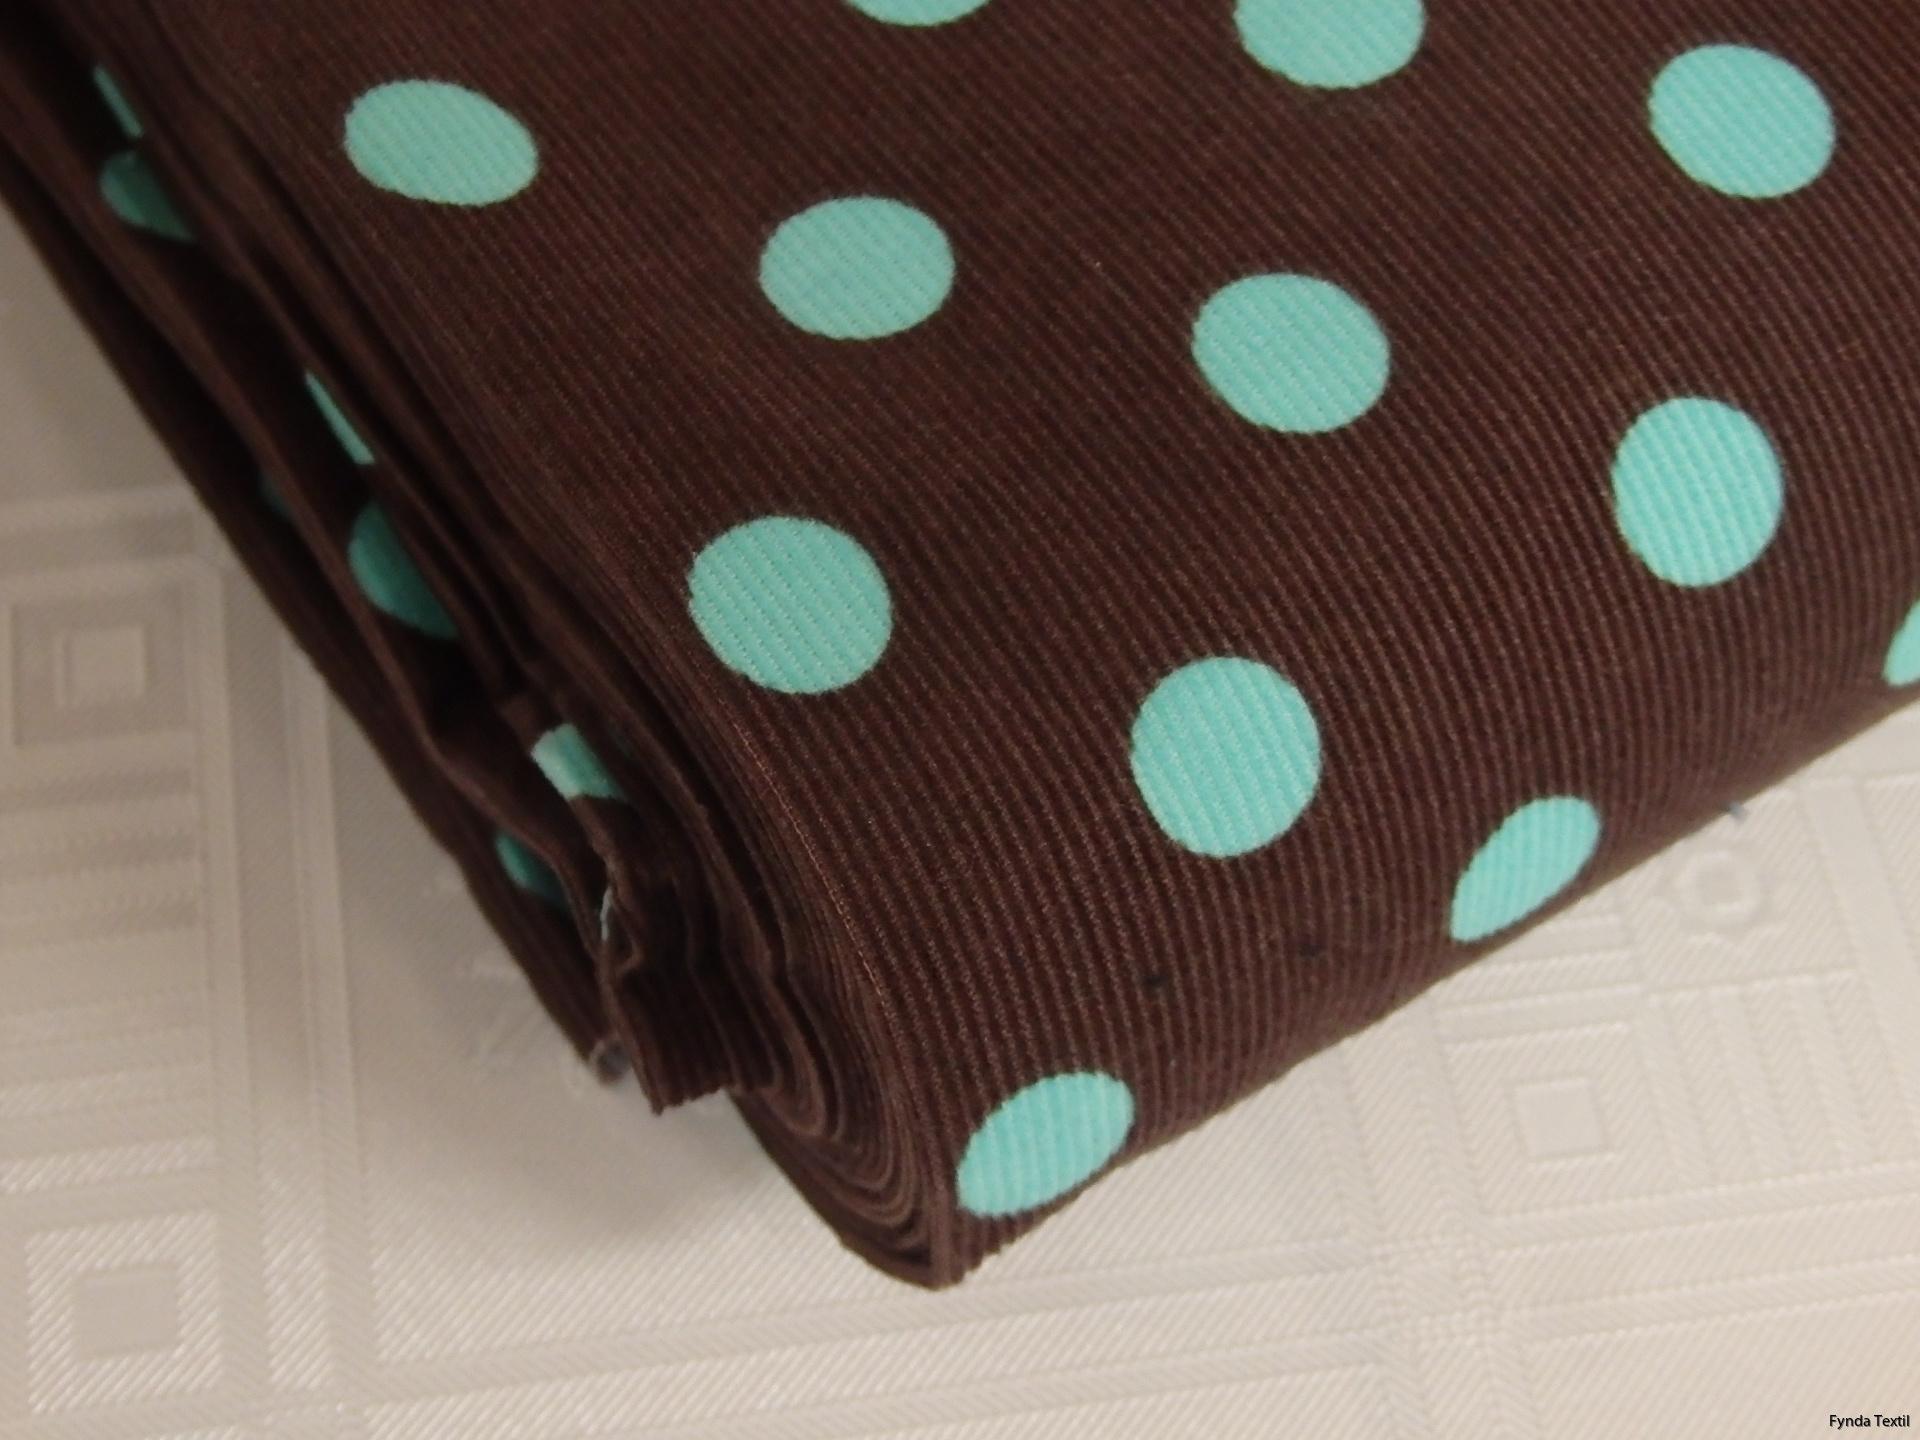 Mintgrön prick på chokladbrun botten